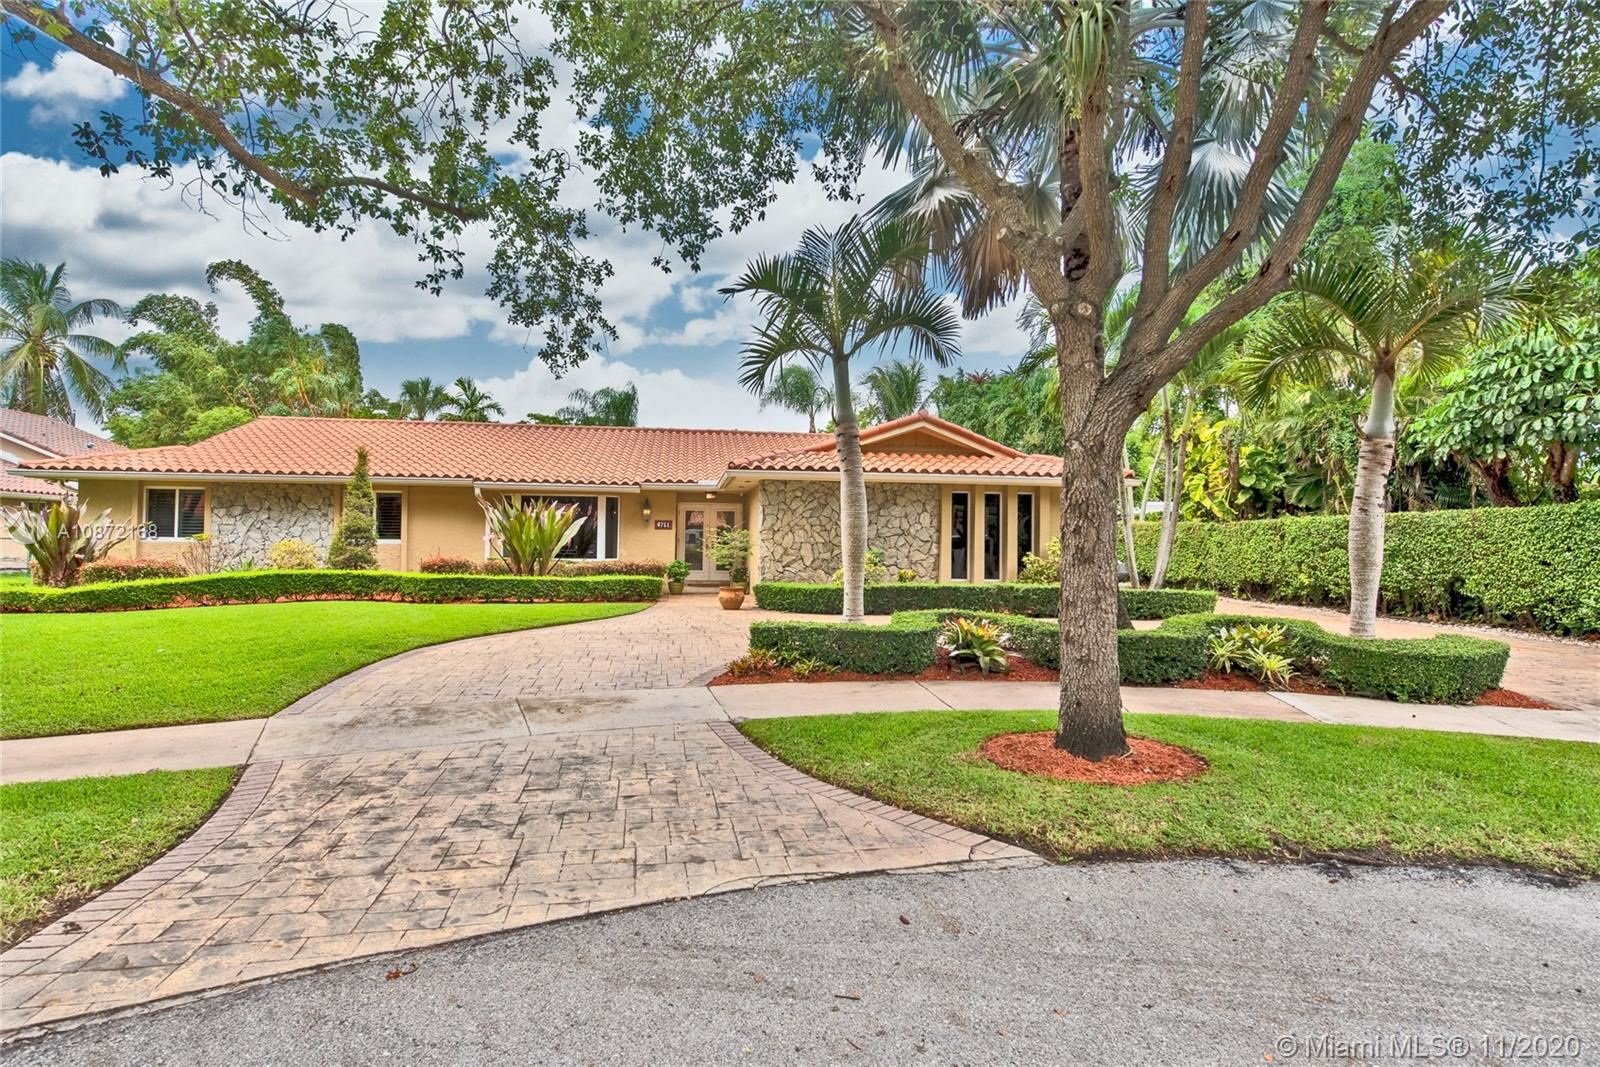 6751 Gleneagle Dr, Miami Lakes, FL 33014 - #: A10872168